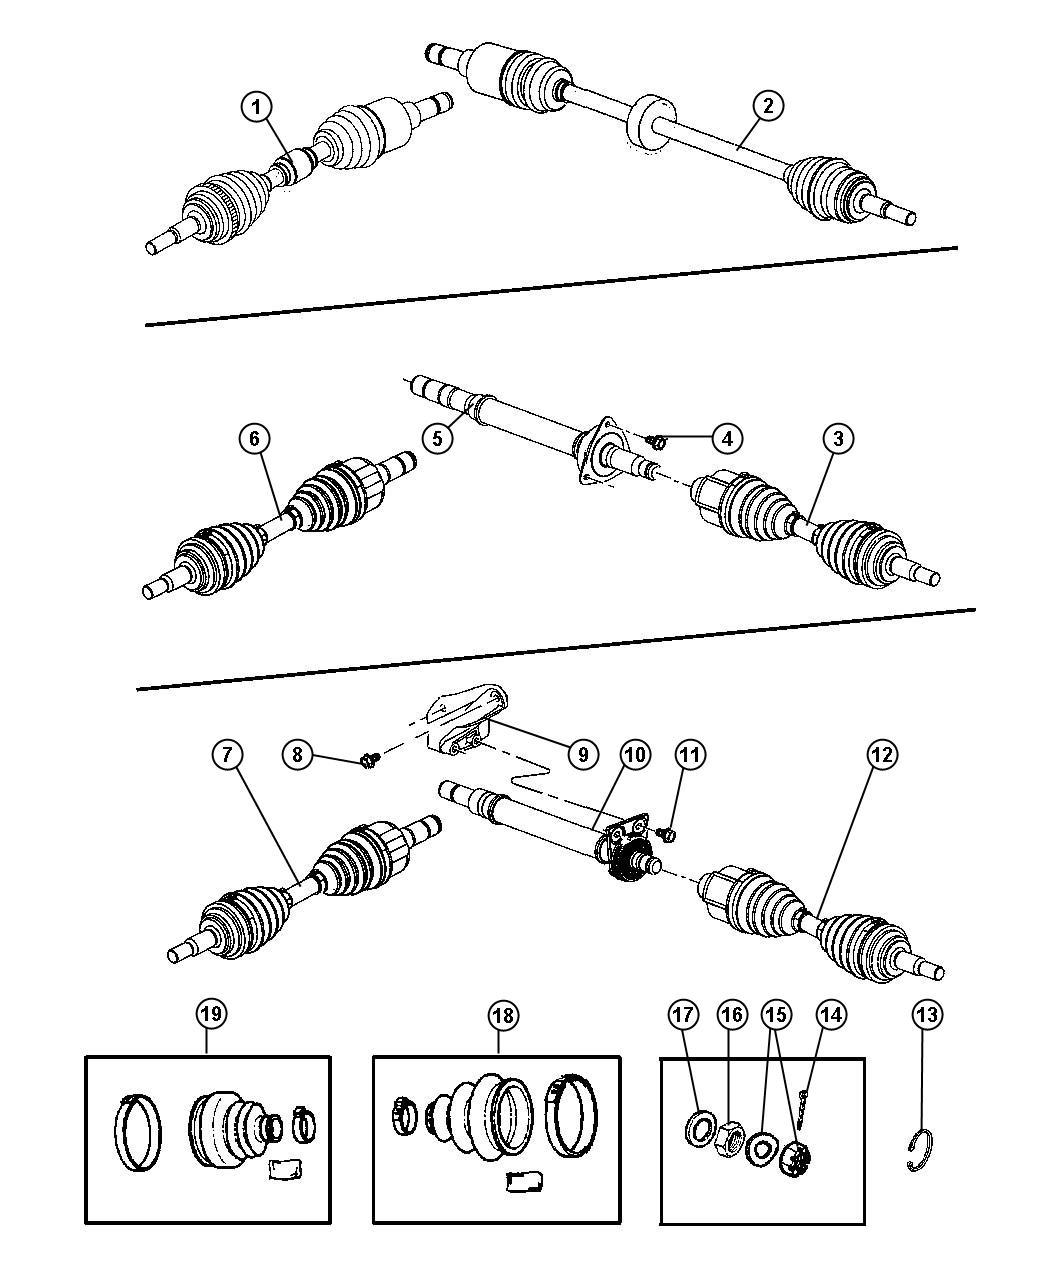 2011 dodge avenger engine diagram all